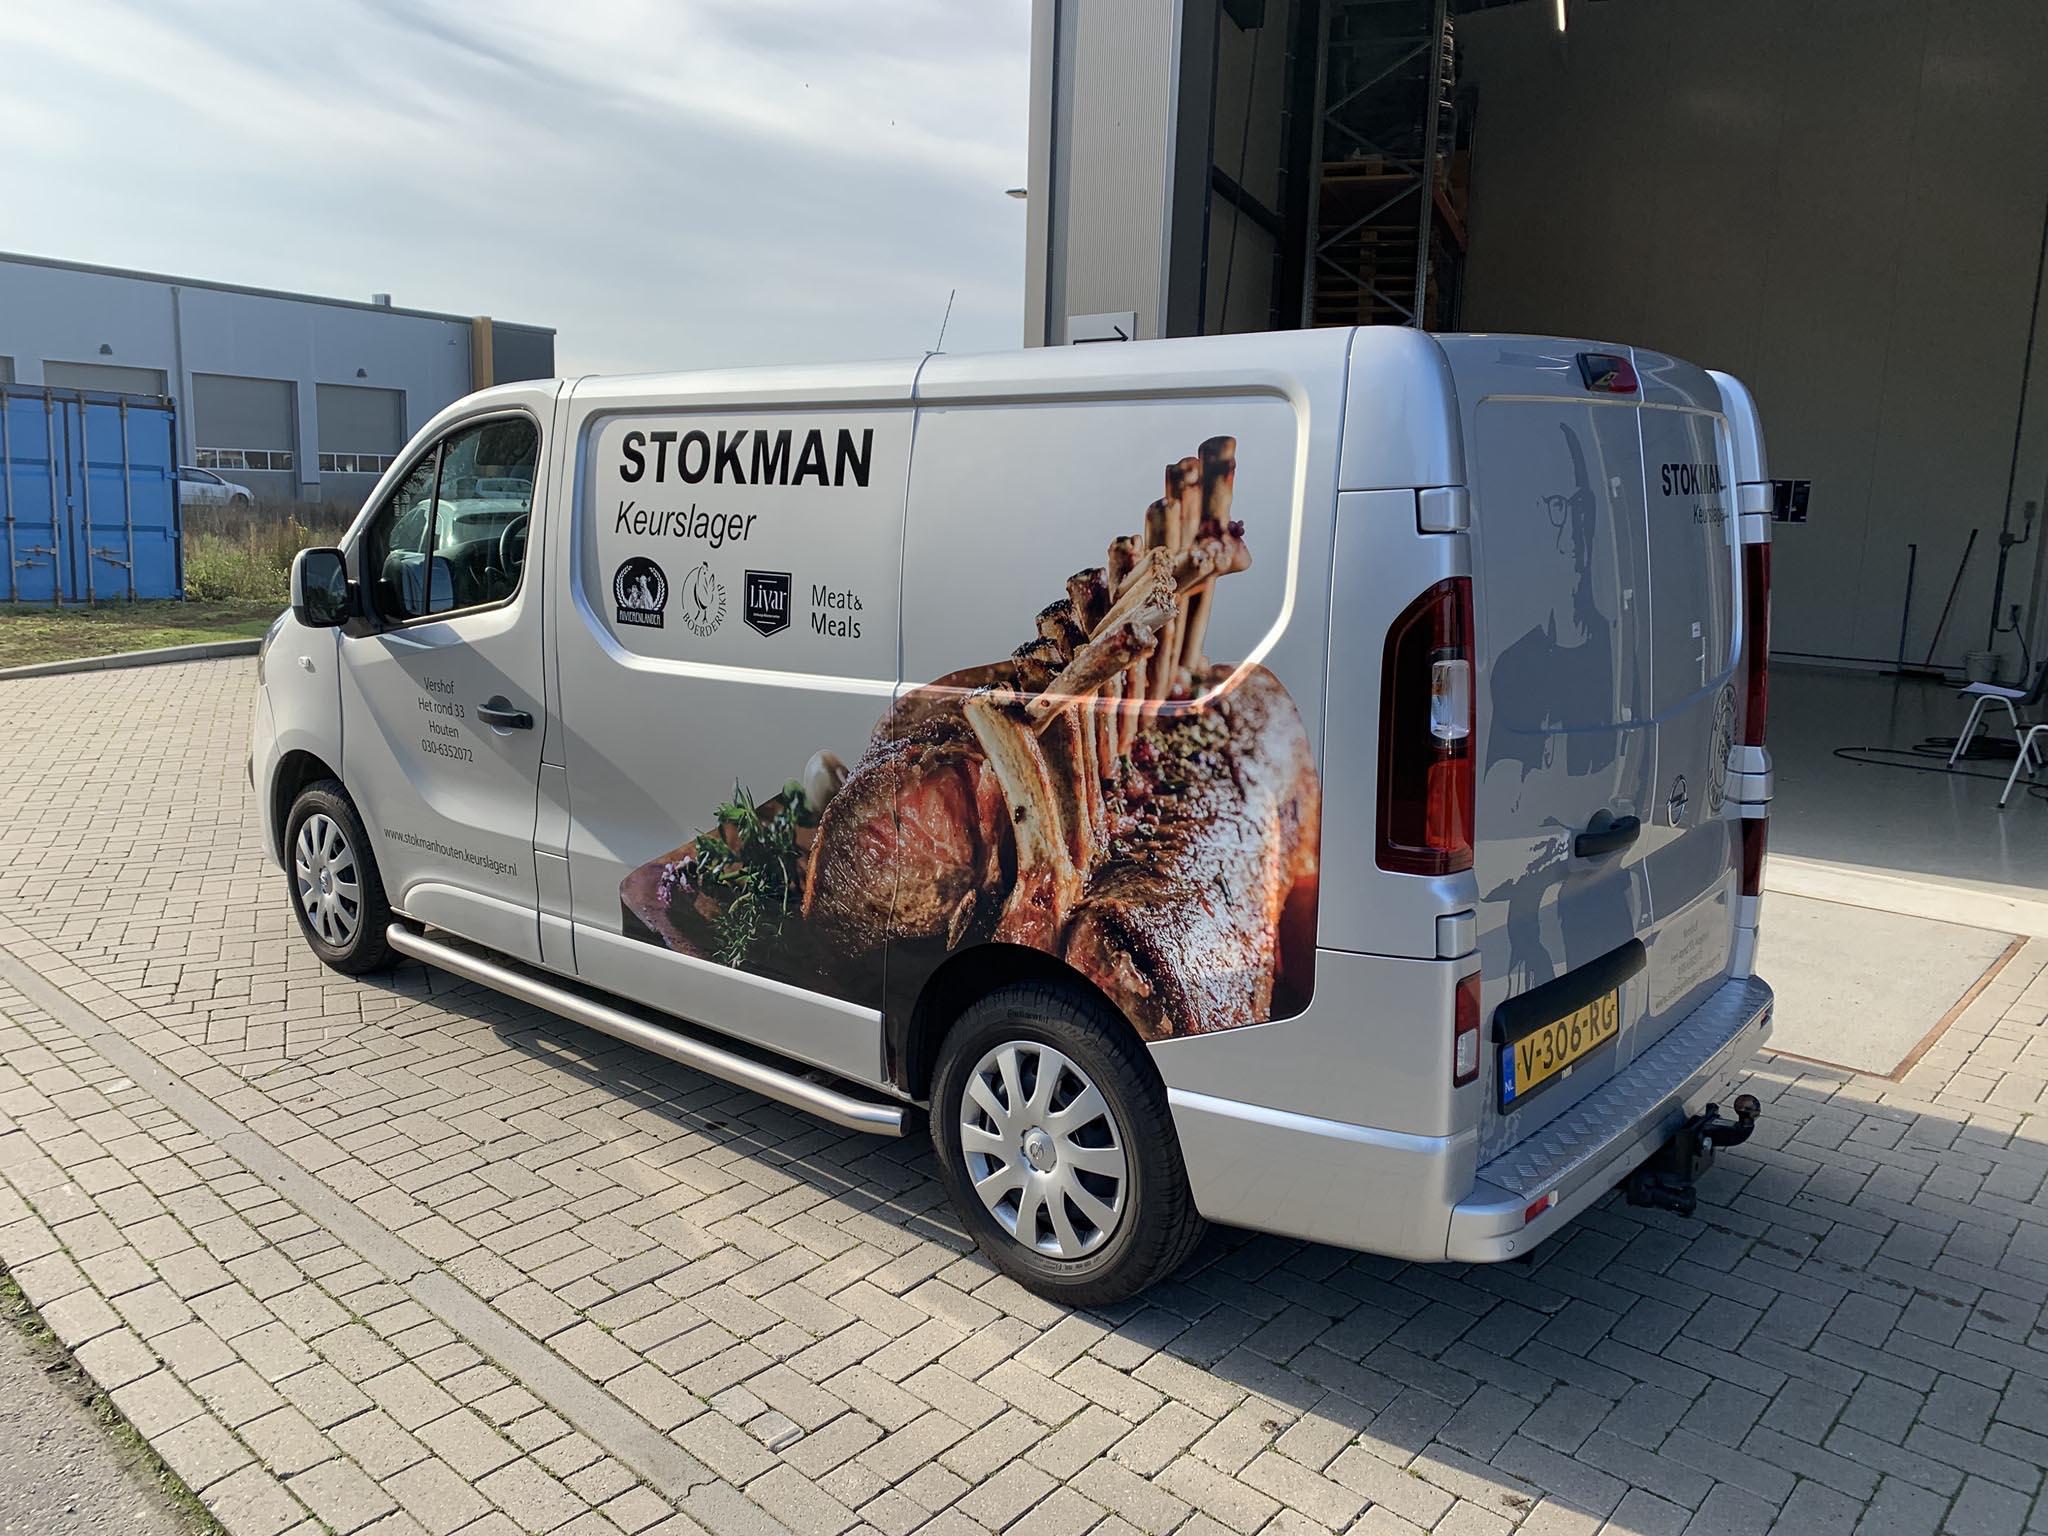 Keurslager Stokman